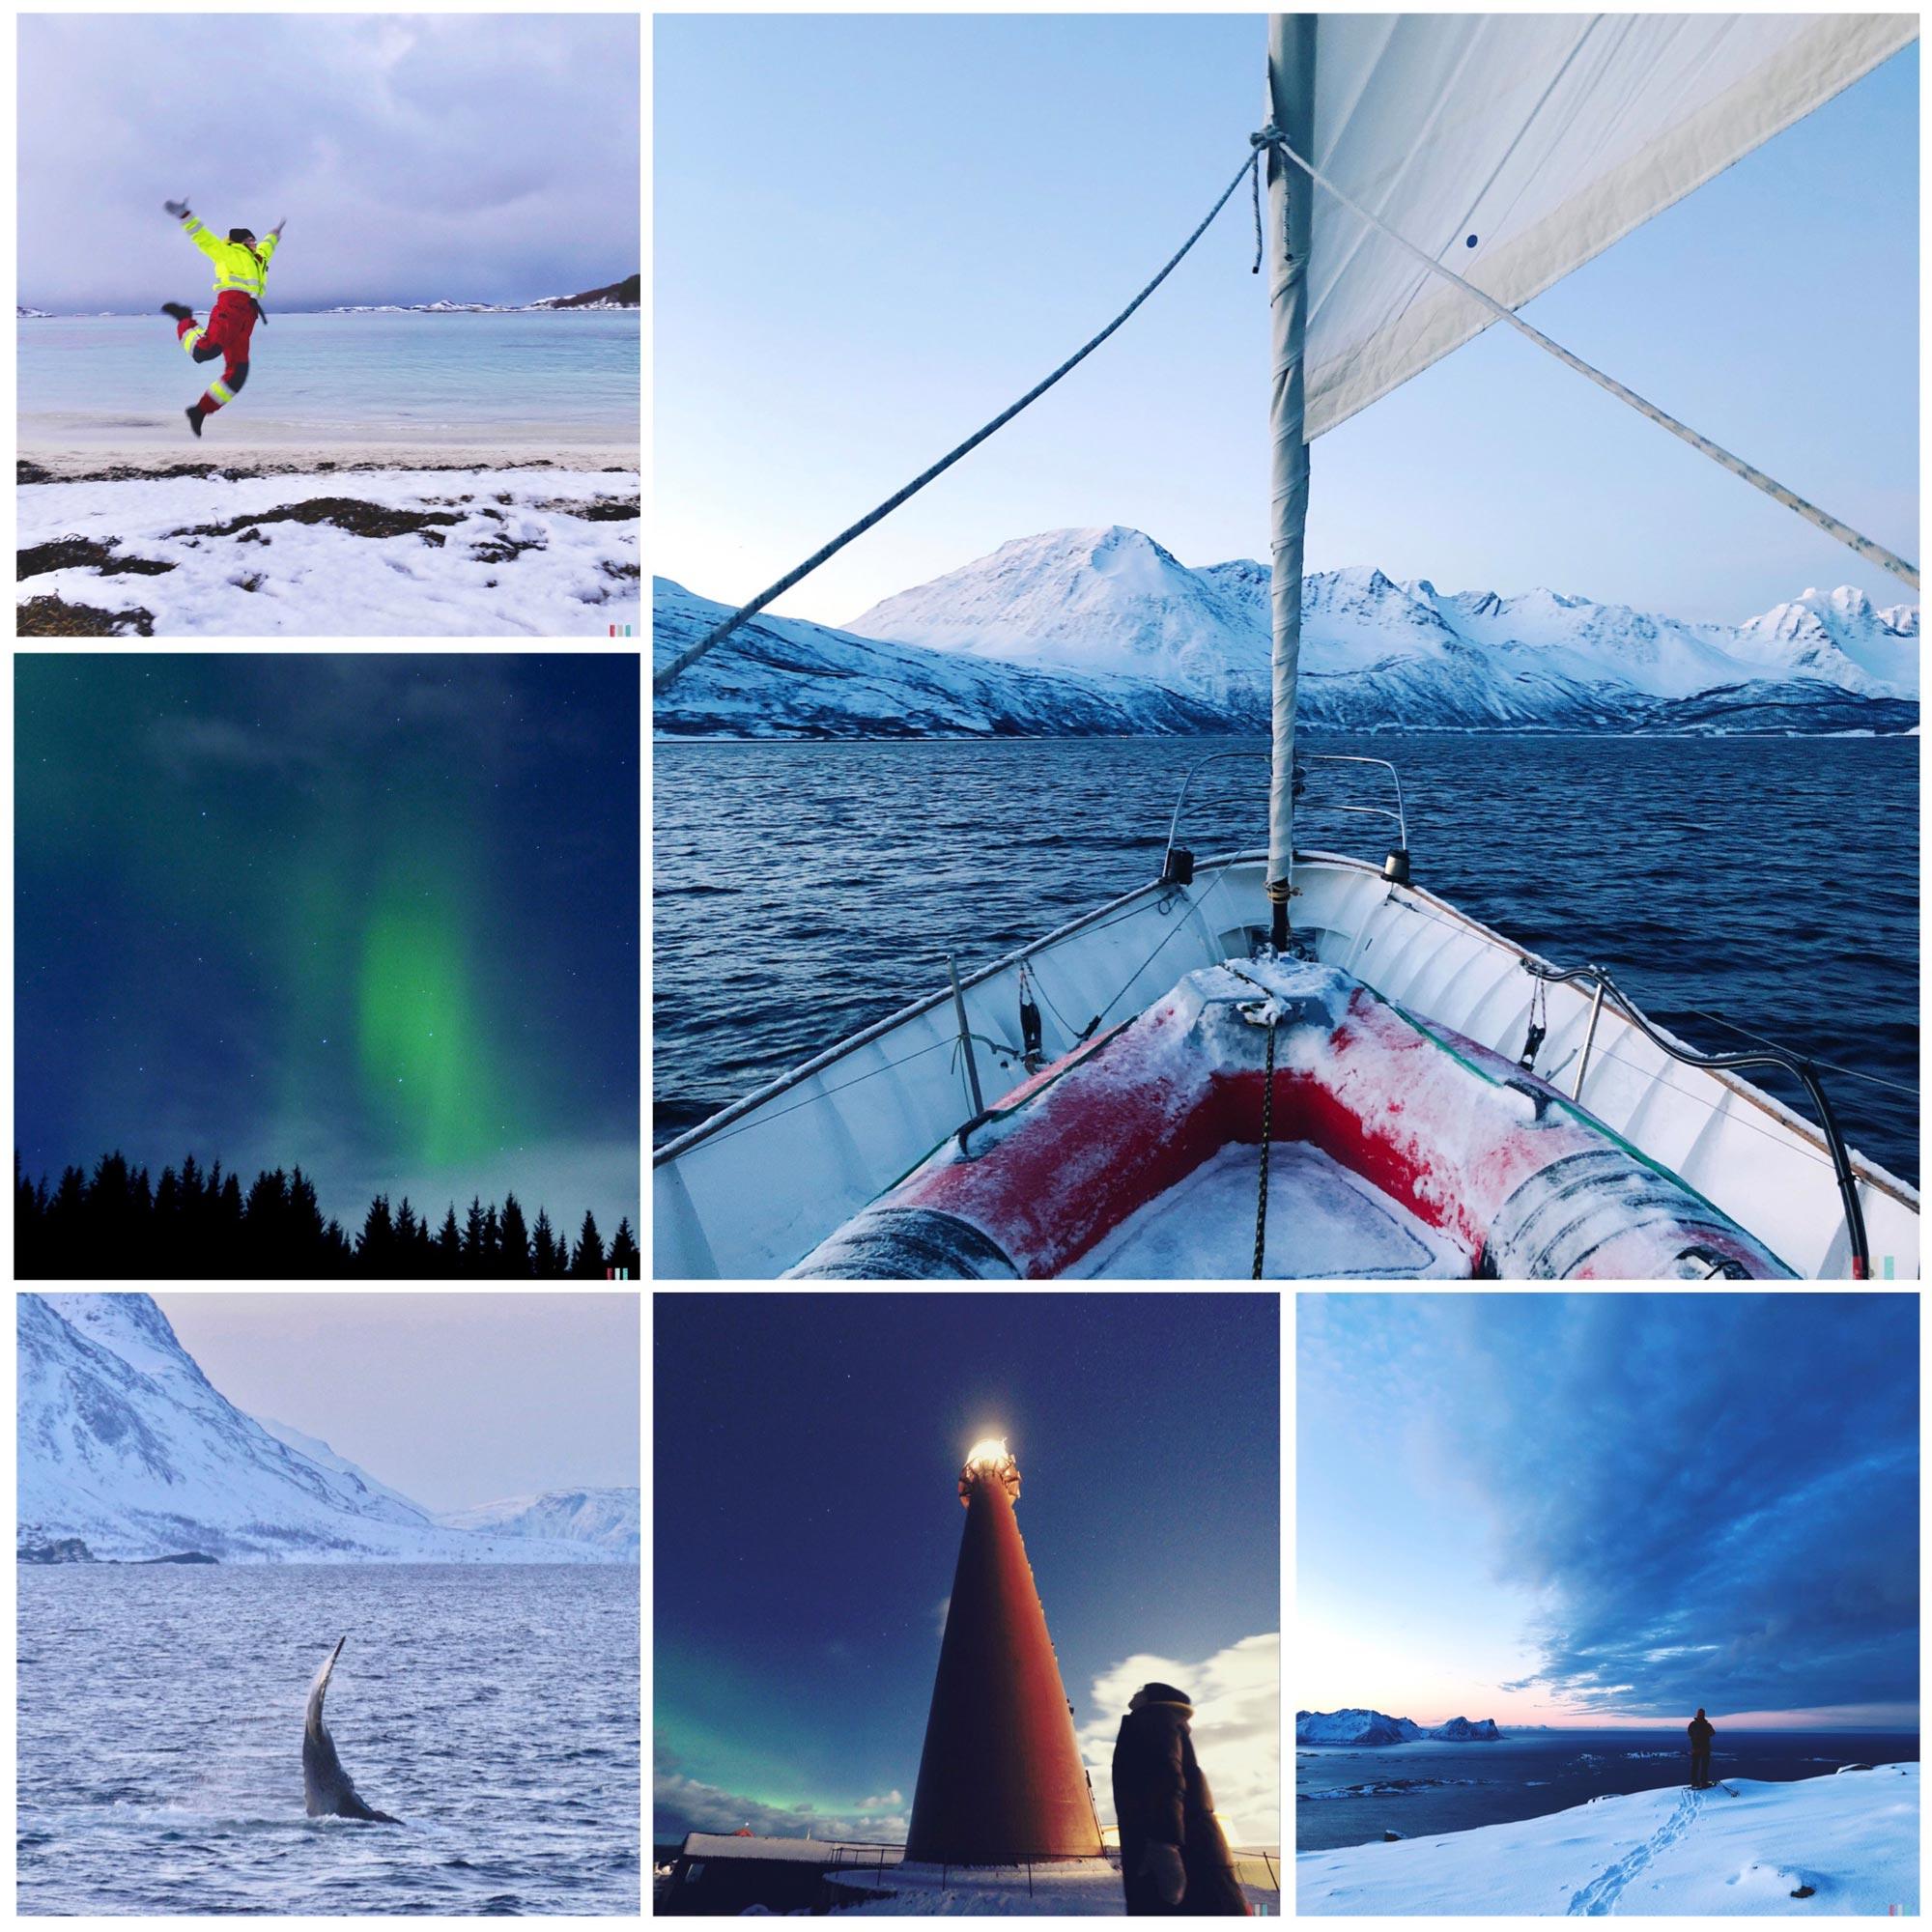 norwegen-collage.jpg